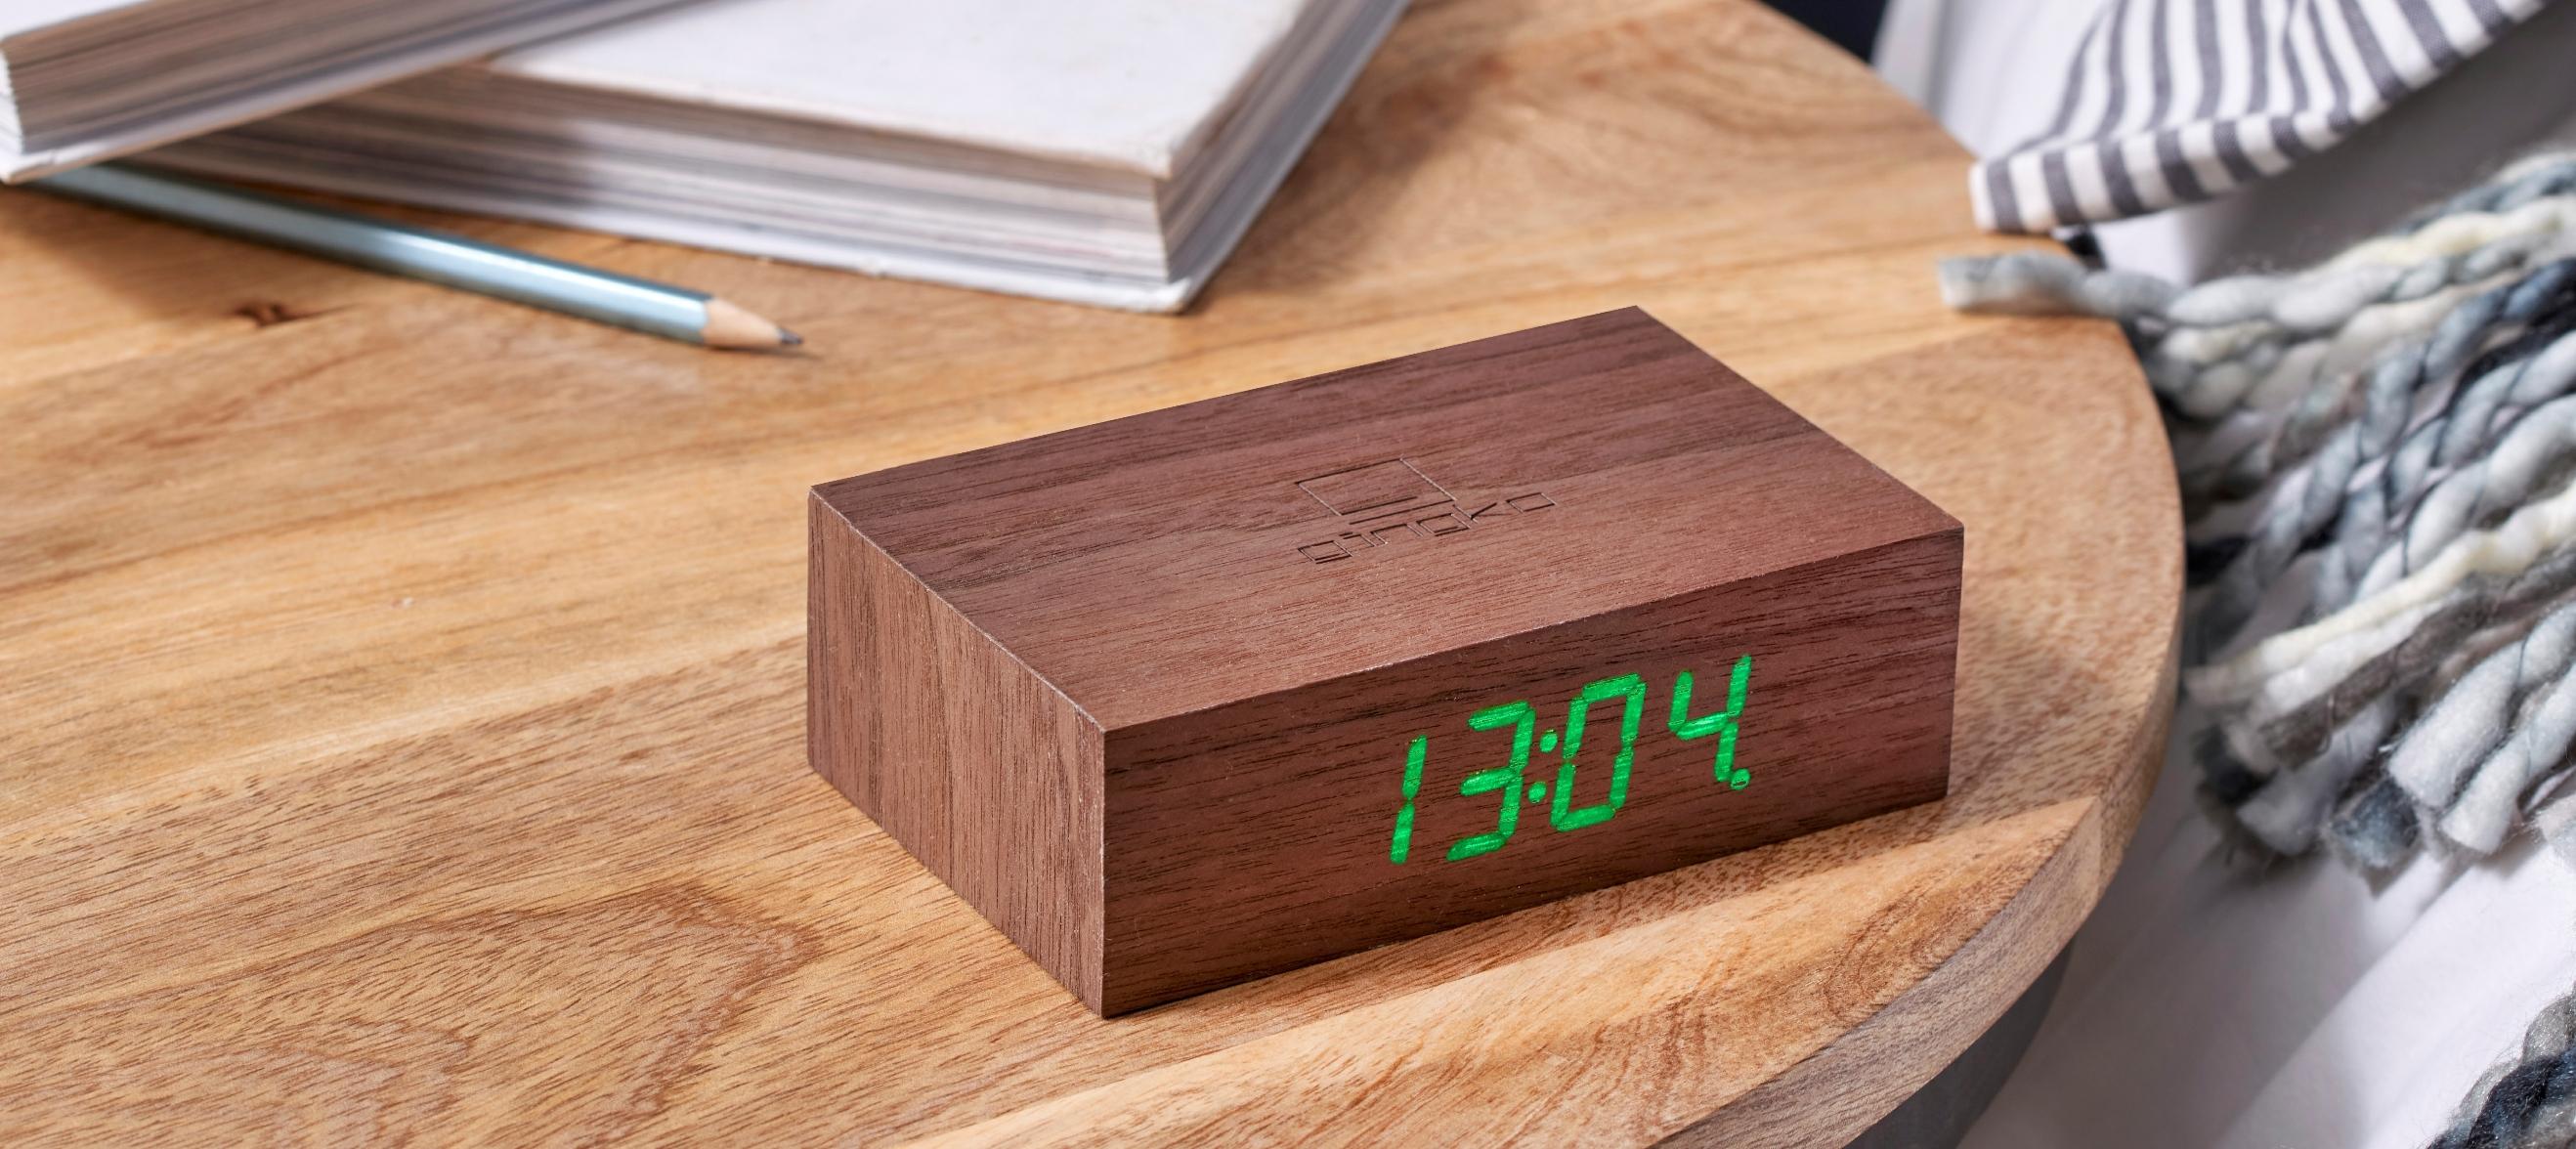 Ceas inteligent cu senzor de alarma Flip Click Clock Walnut/Green